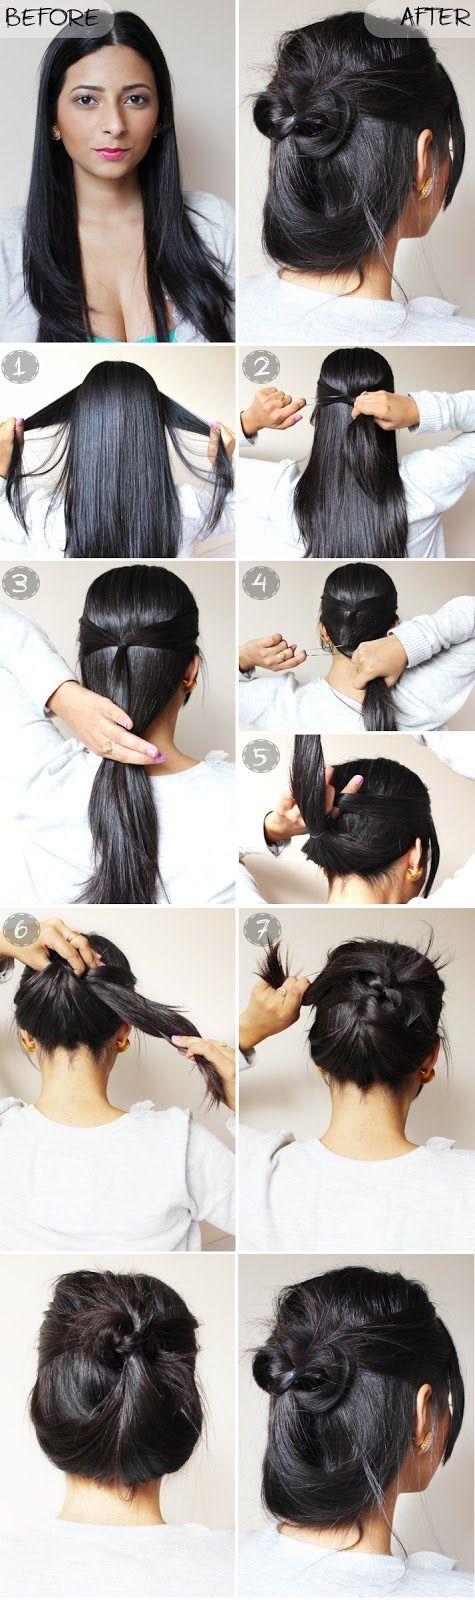 Bonjour !  On aime changer de coiffure comme ça nous chante !  On s'inspire et on copie ces 7 coiffures glamour en toutes circonstances ! 1/ La coiffure s